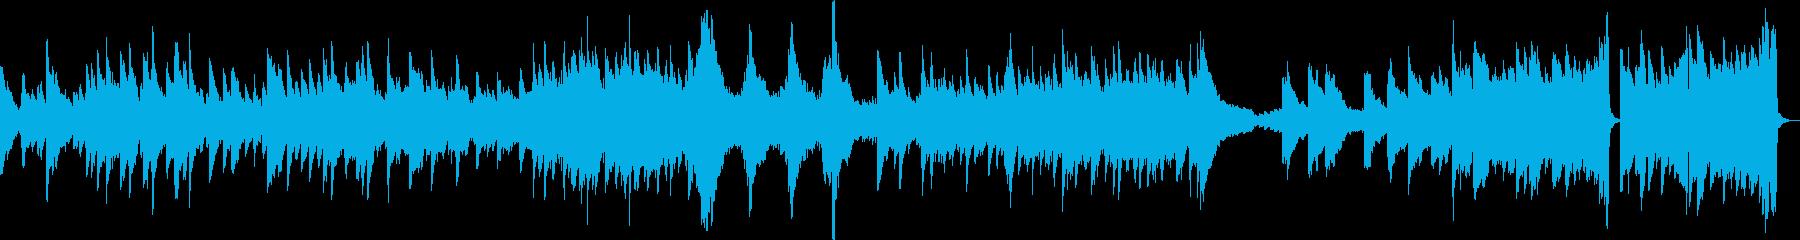 刻々と迫る危機(ピアノ、緊迫)の再生済みの波形